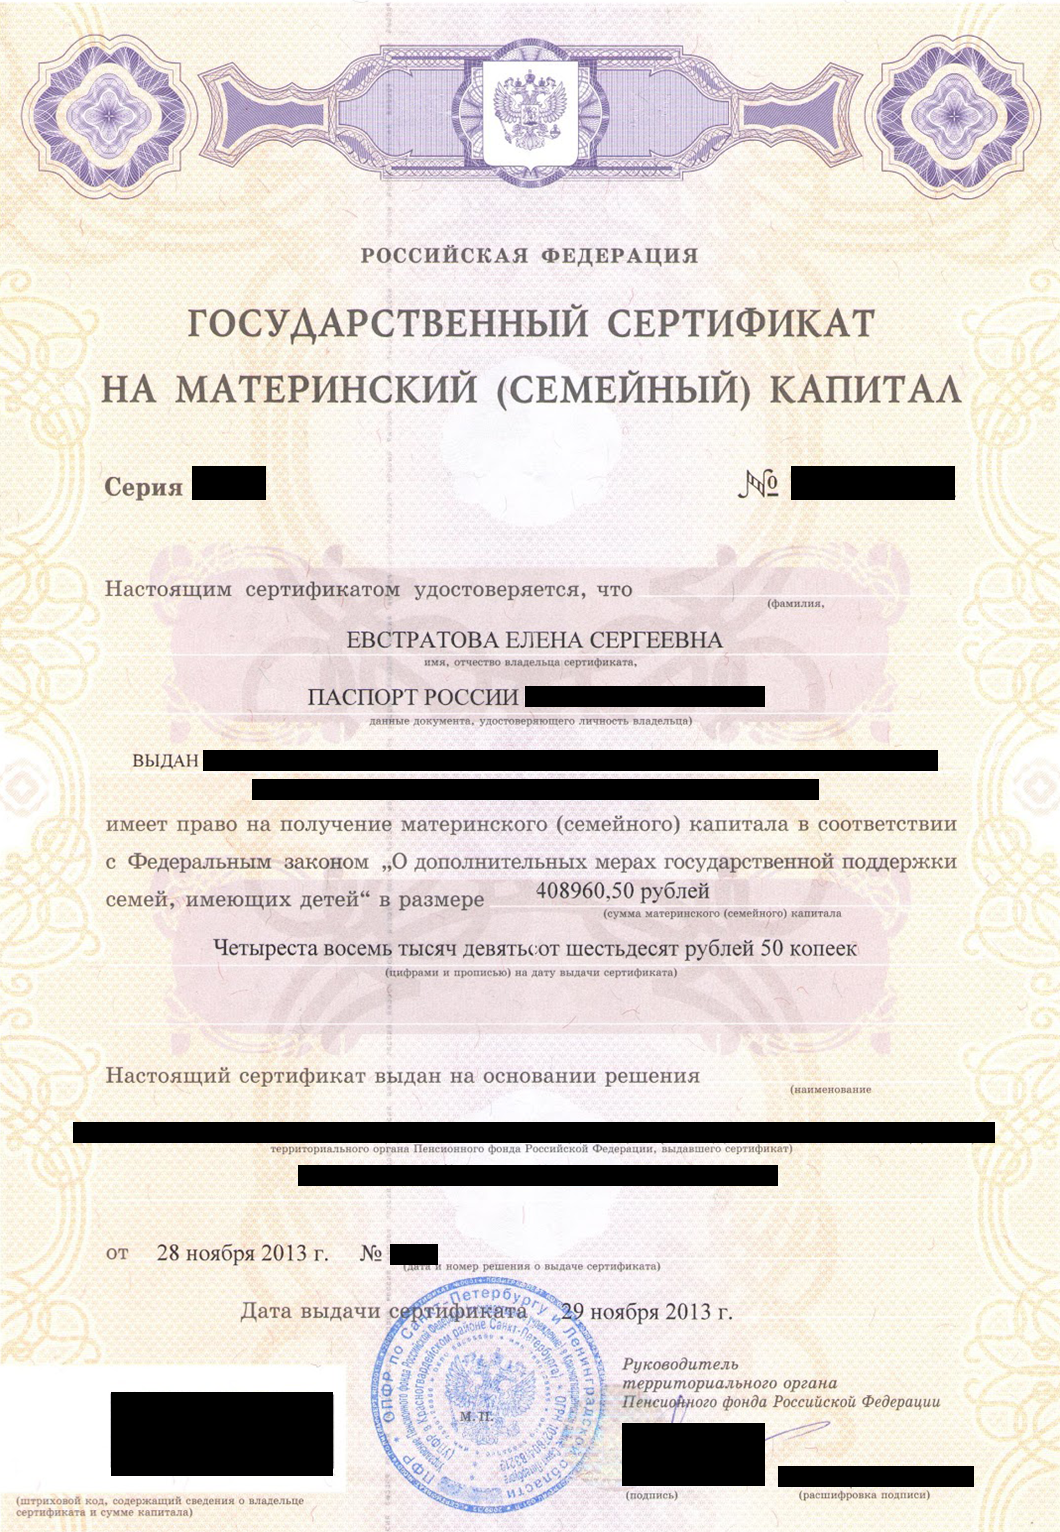 Автор <span class=nobr>Т—Ж</span> Лена Евстратова поделилась документами, которые помогли ей погасить часть ипотеки маткапиталом. Главный документ — сертификат на маткапитал